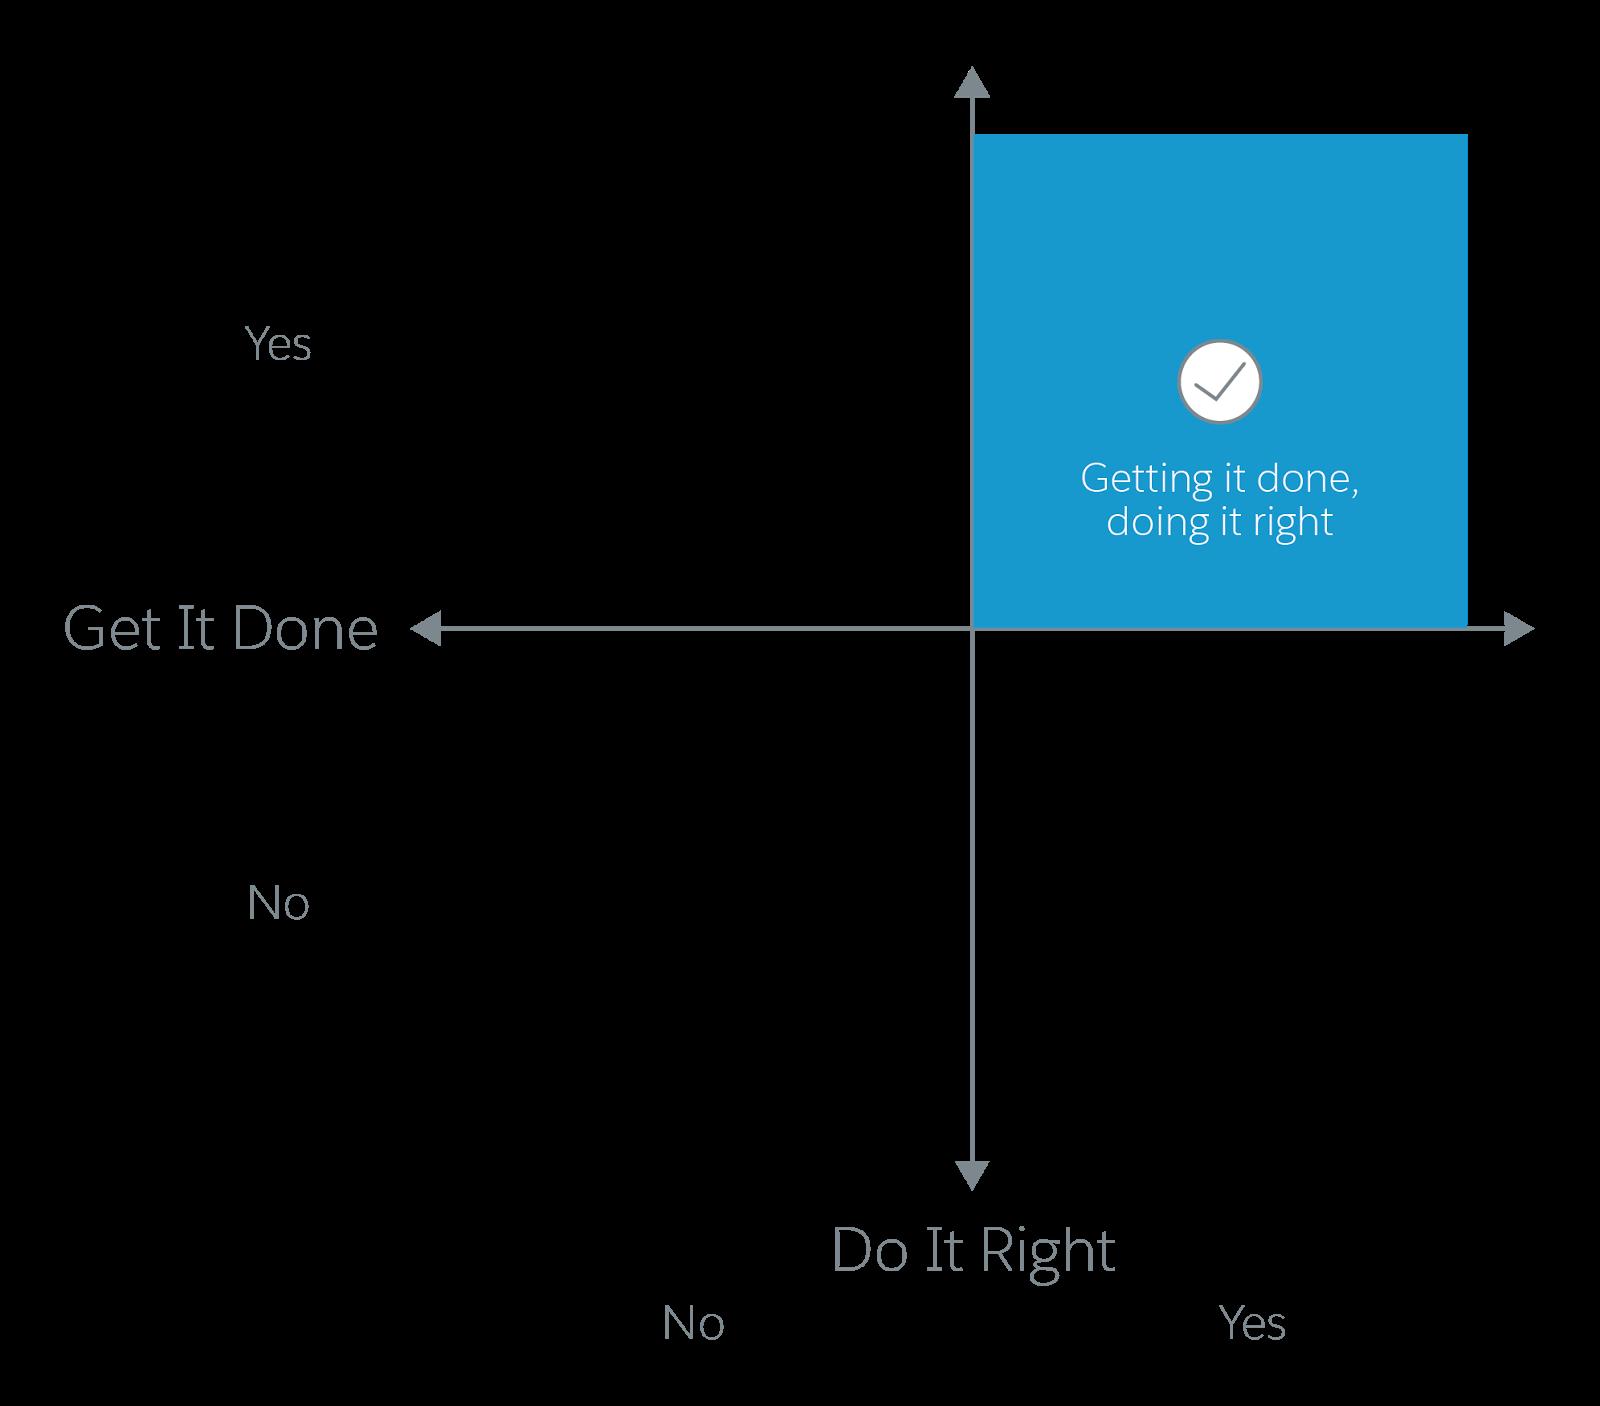 売上目標を上回ることと、正しいやり方で販売することを示す四分割図